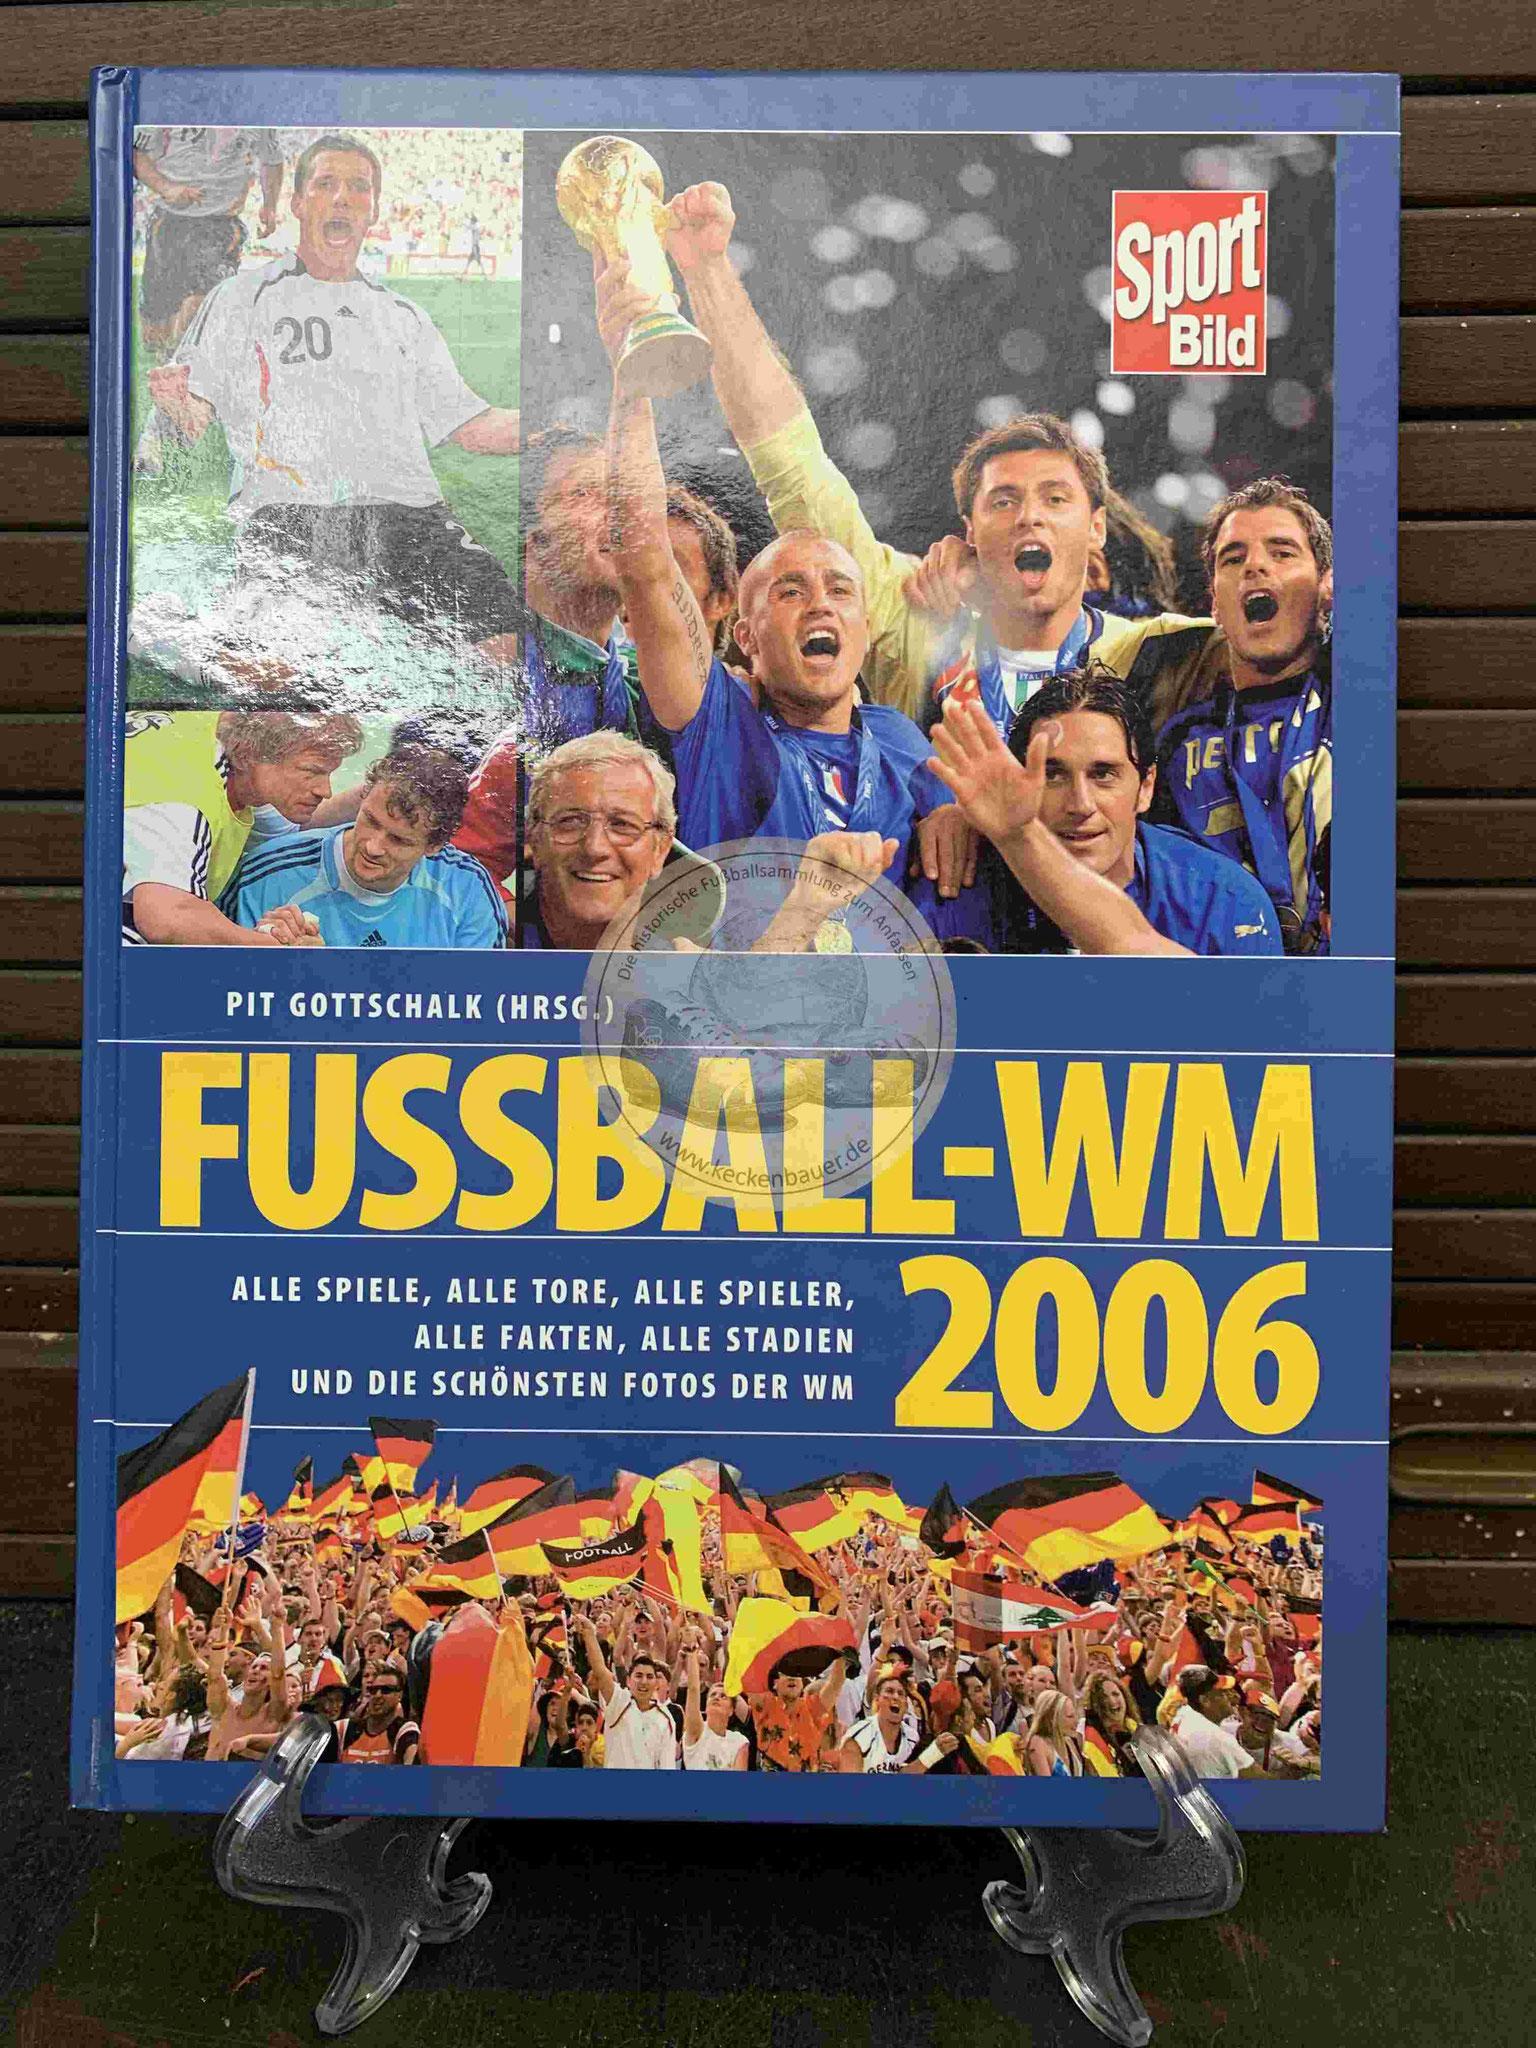 Pit Gotschalk Fussball-WM 2006